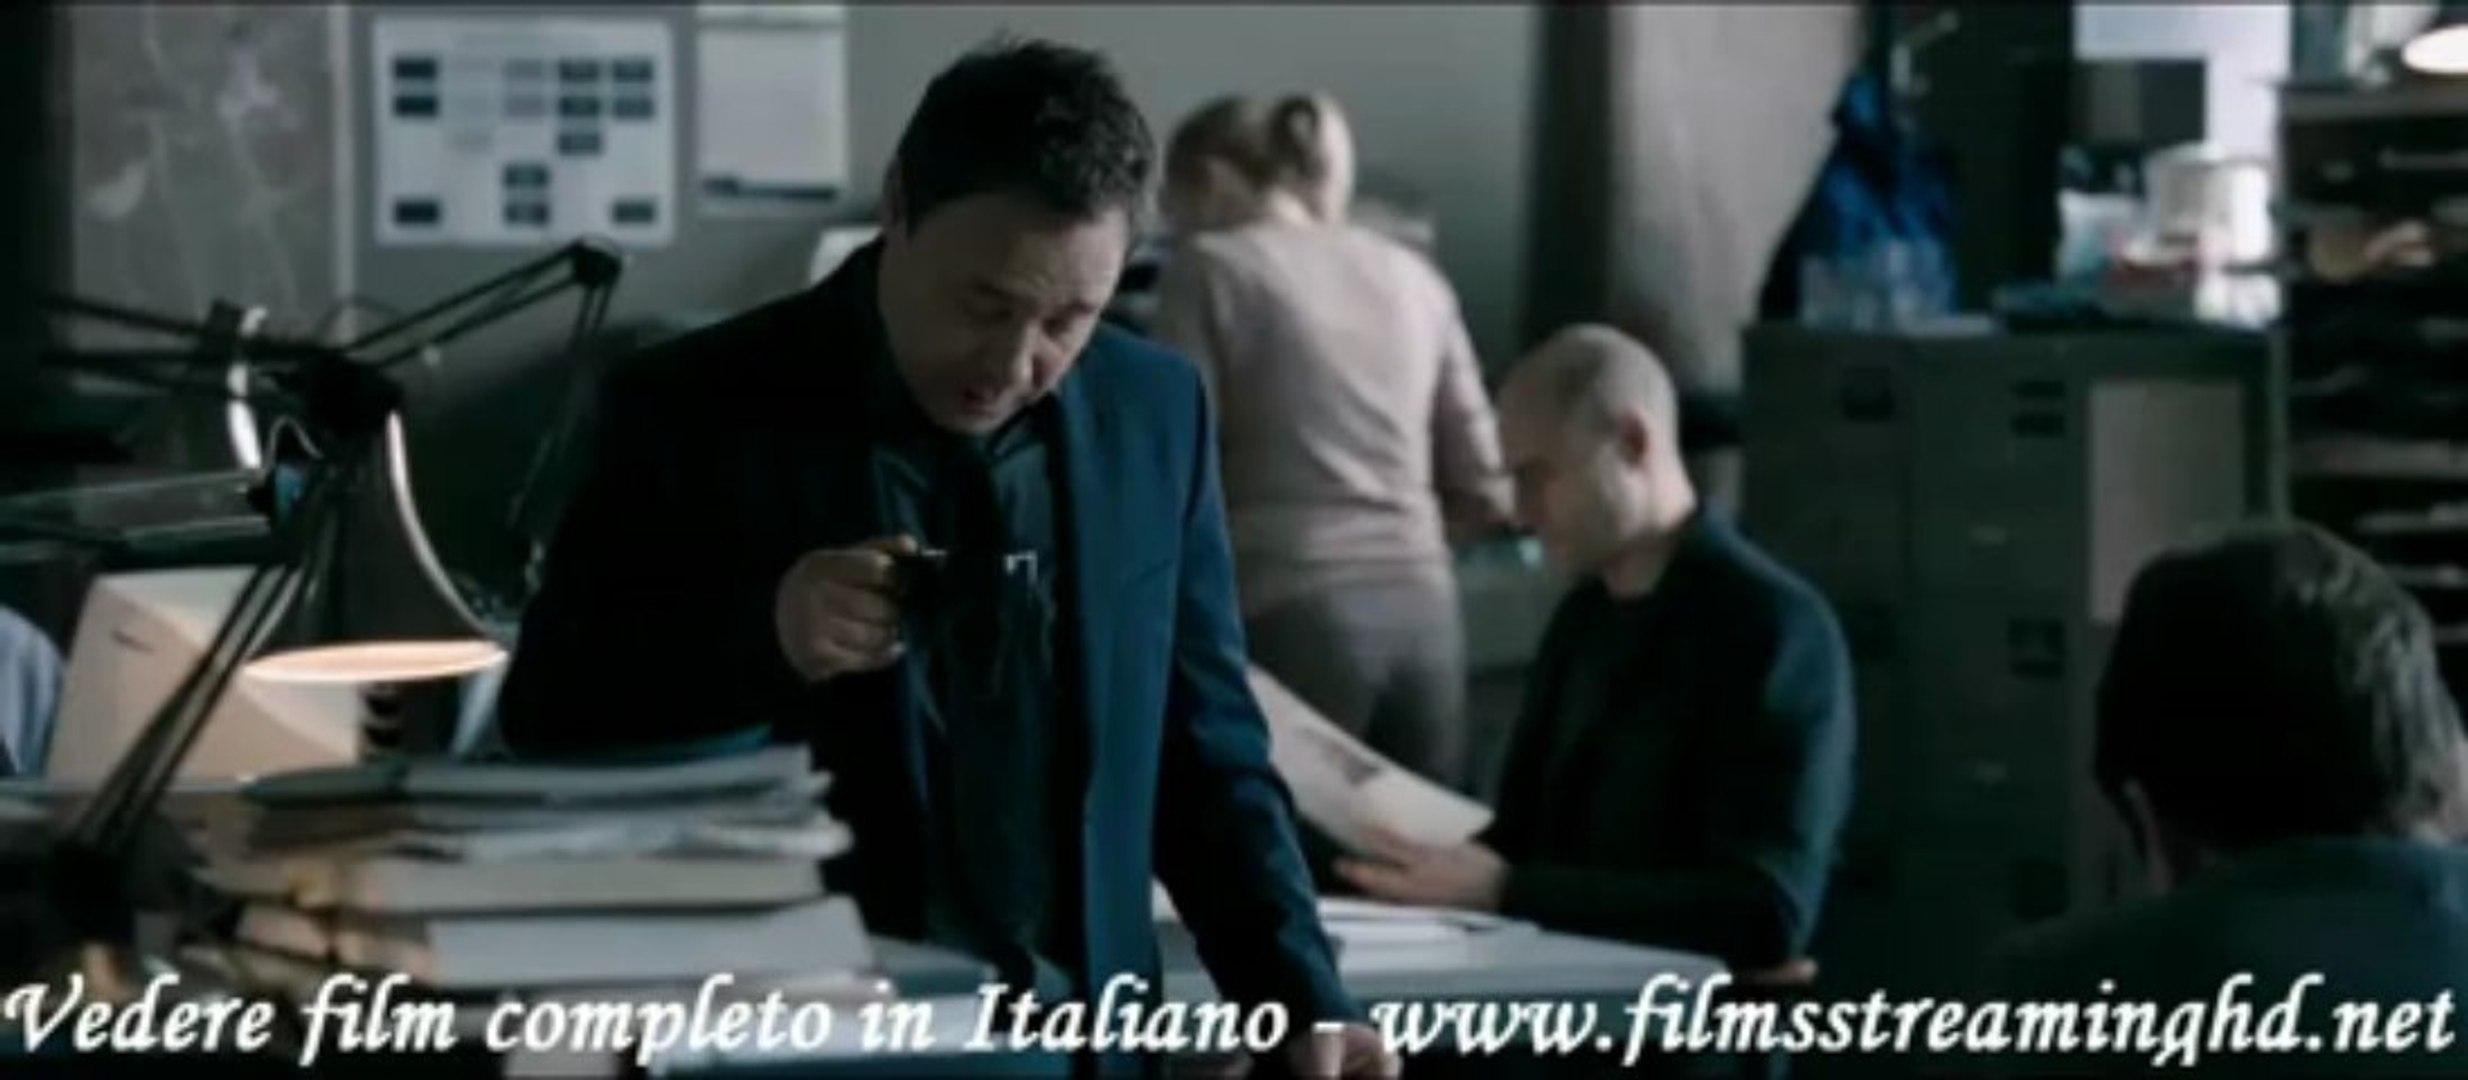 Blood vedere un film streaming completo in italiano in HD